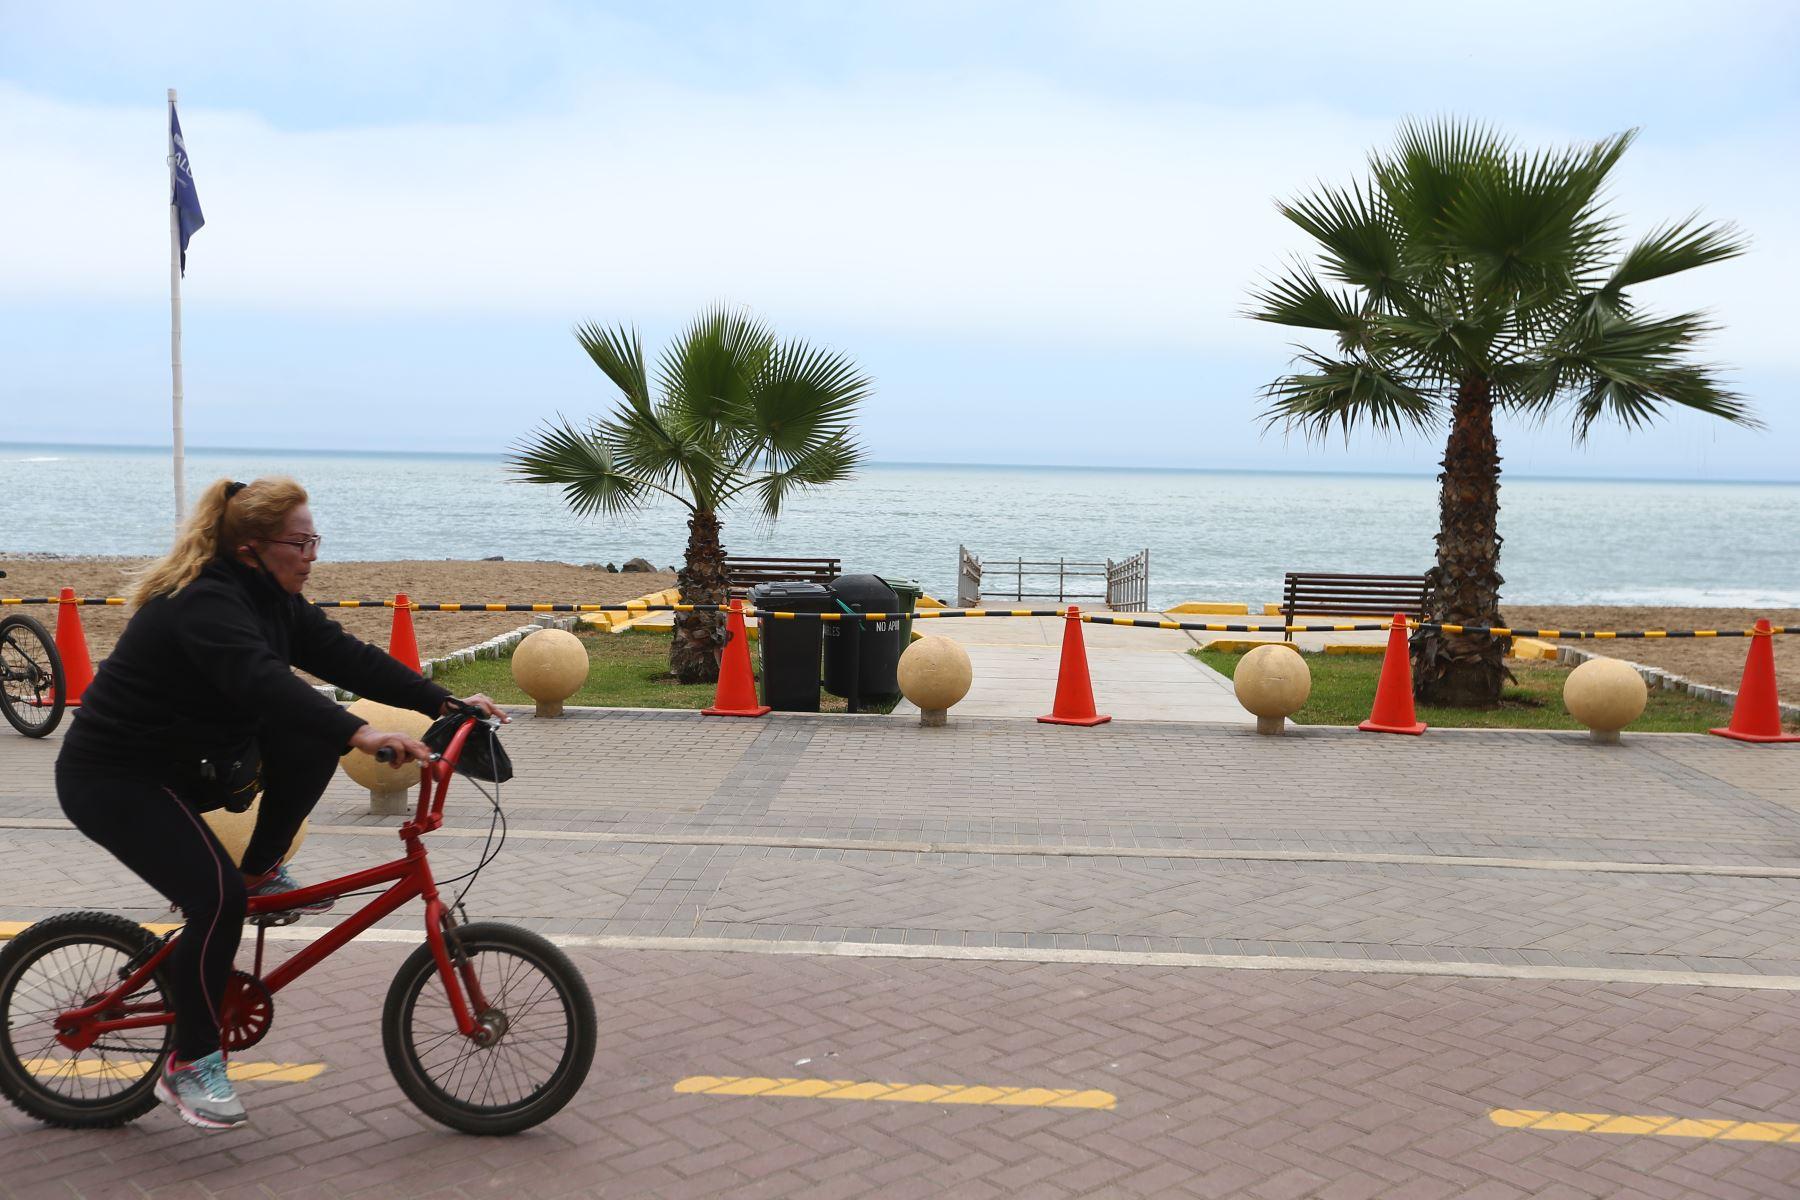 senamhi-preve-vientos-intensos-en-la-costa-del-jueves-18-al-sabado-20